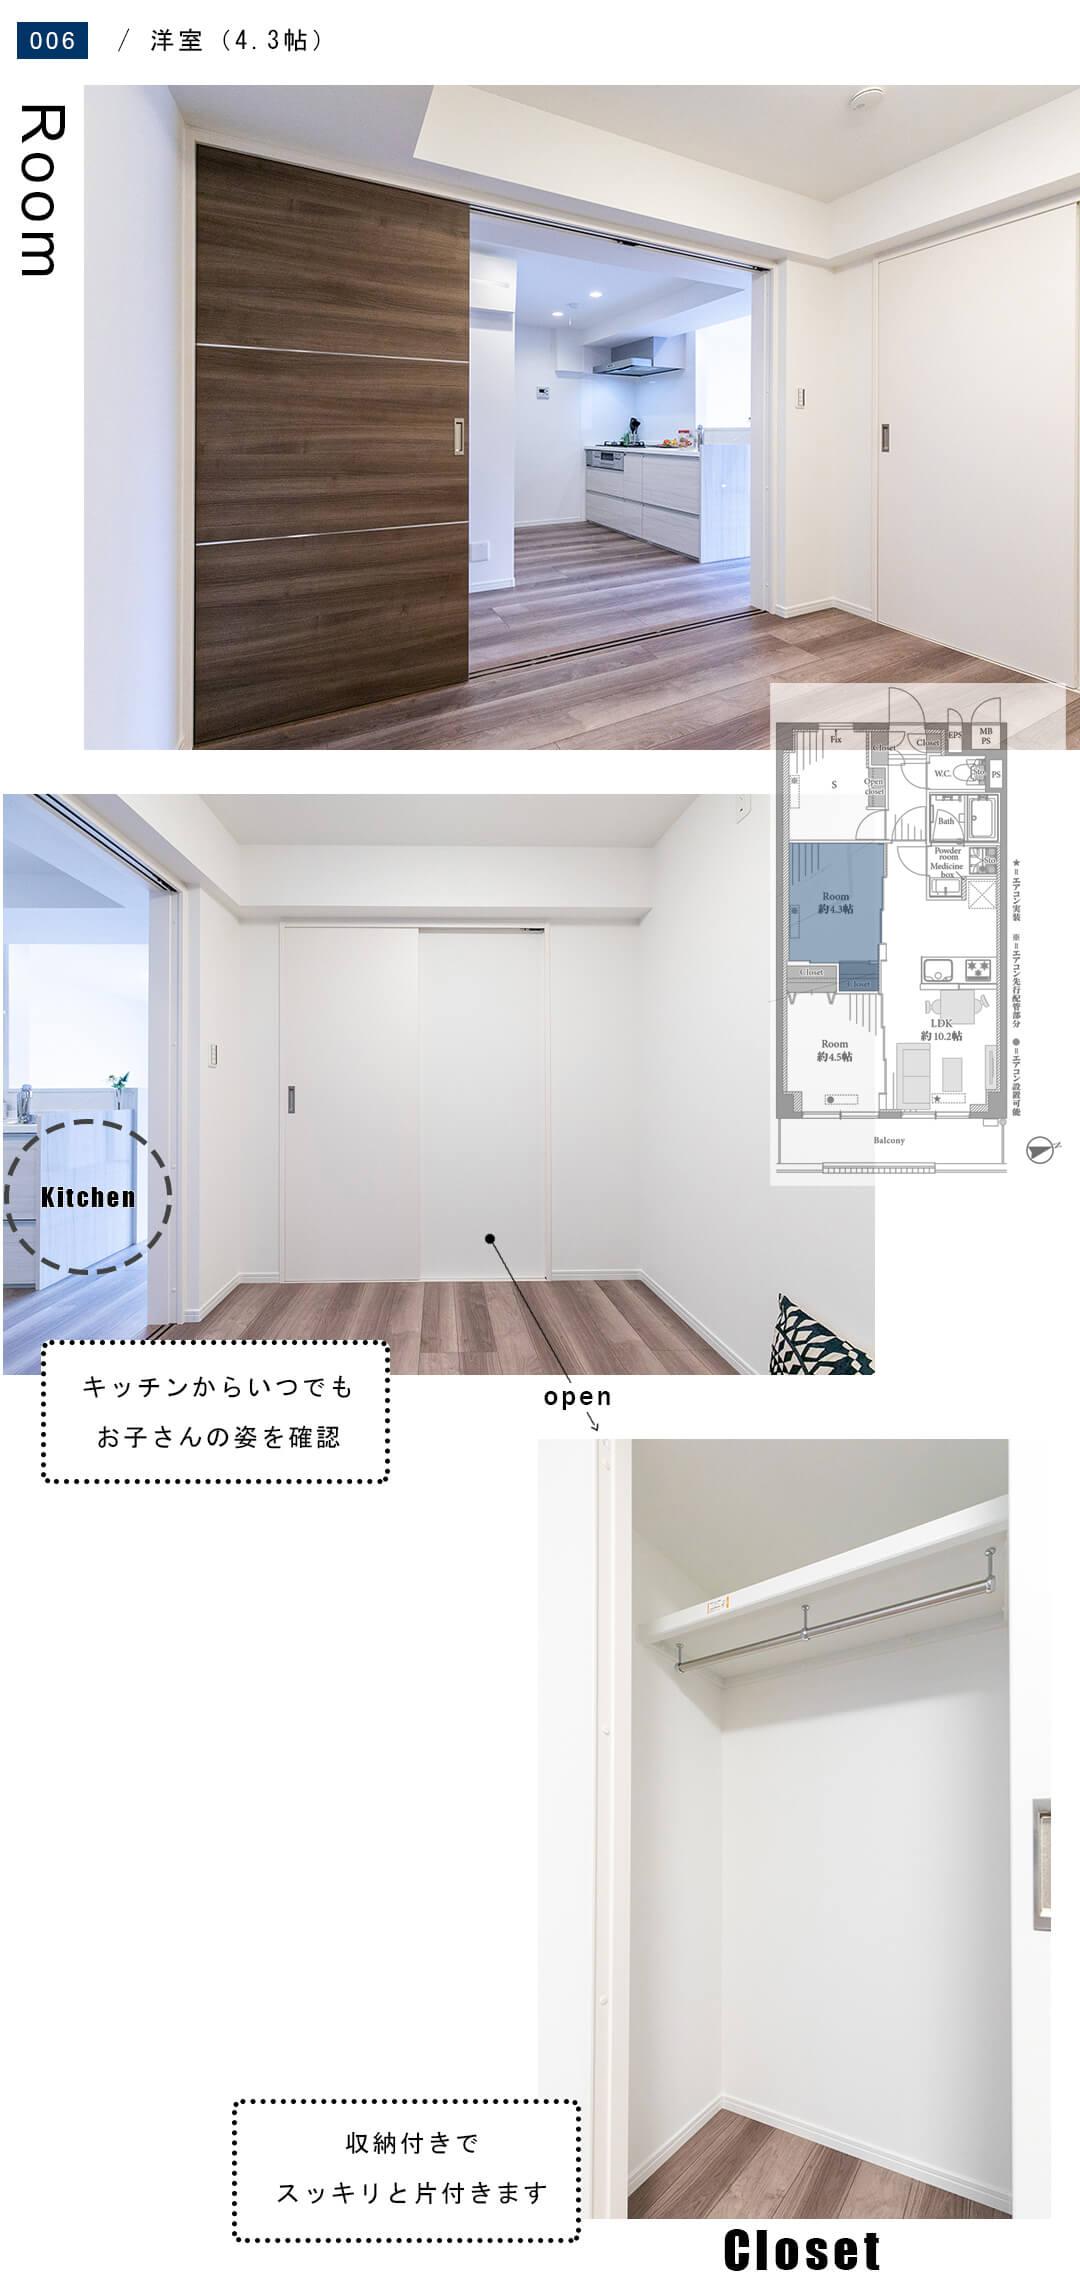 朝日プラザ新蒲田 415の洋室(4.3帖)